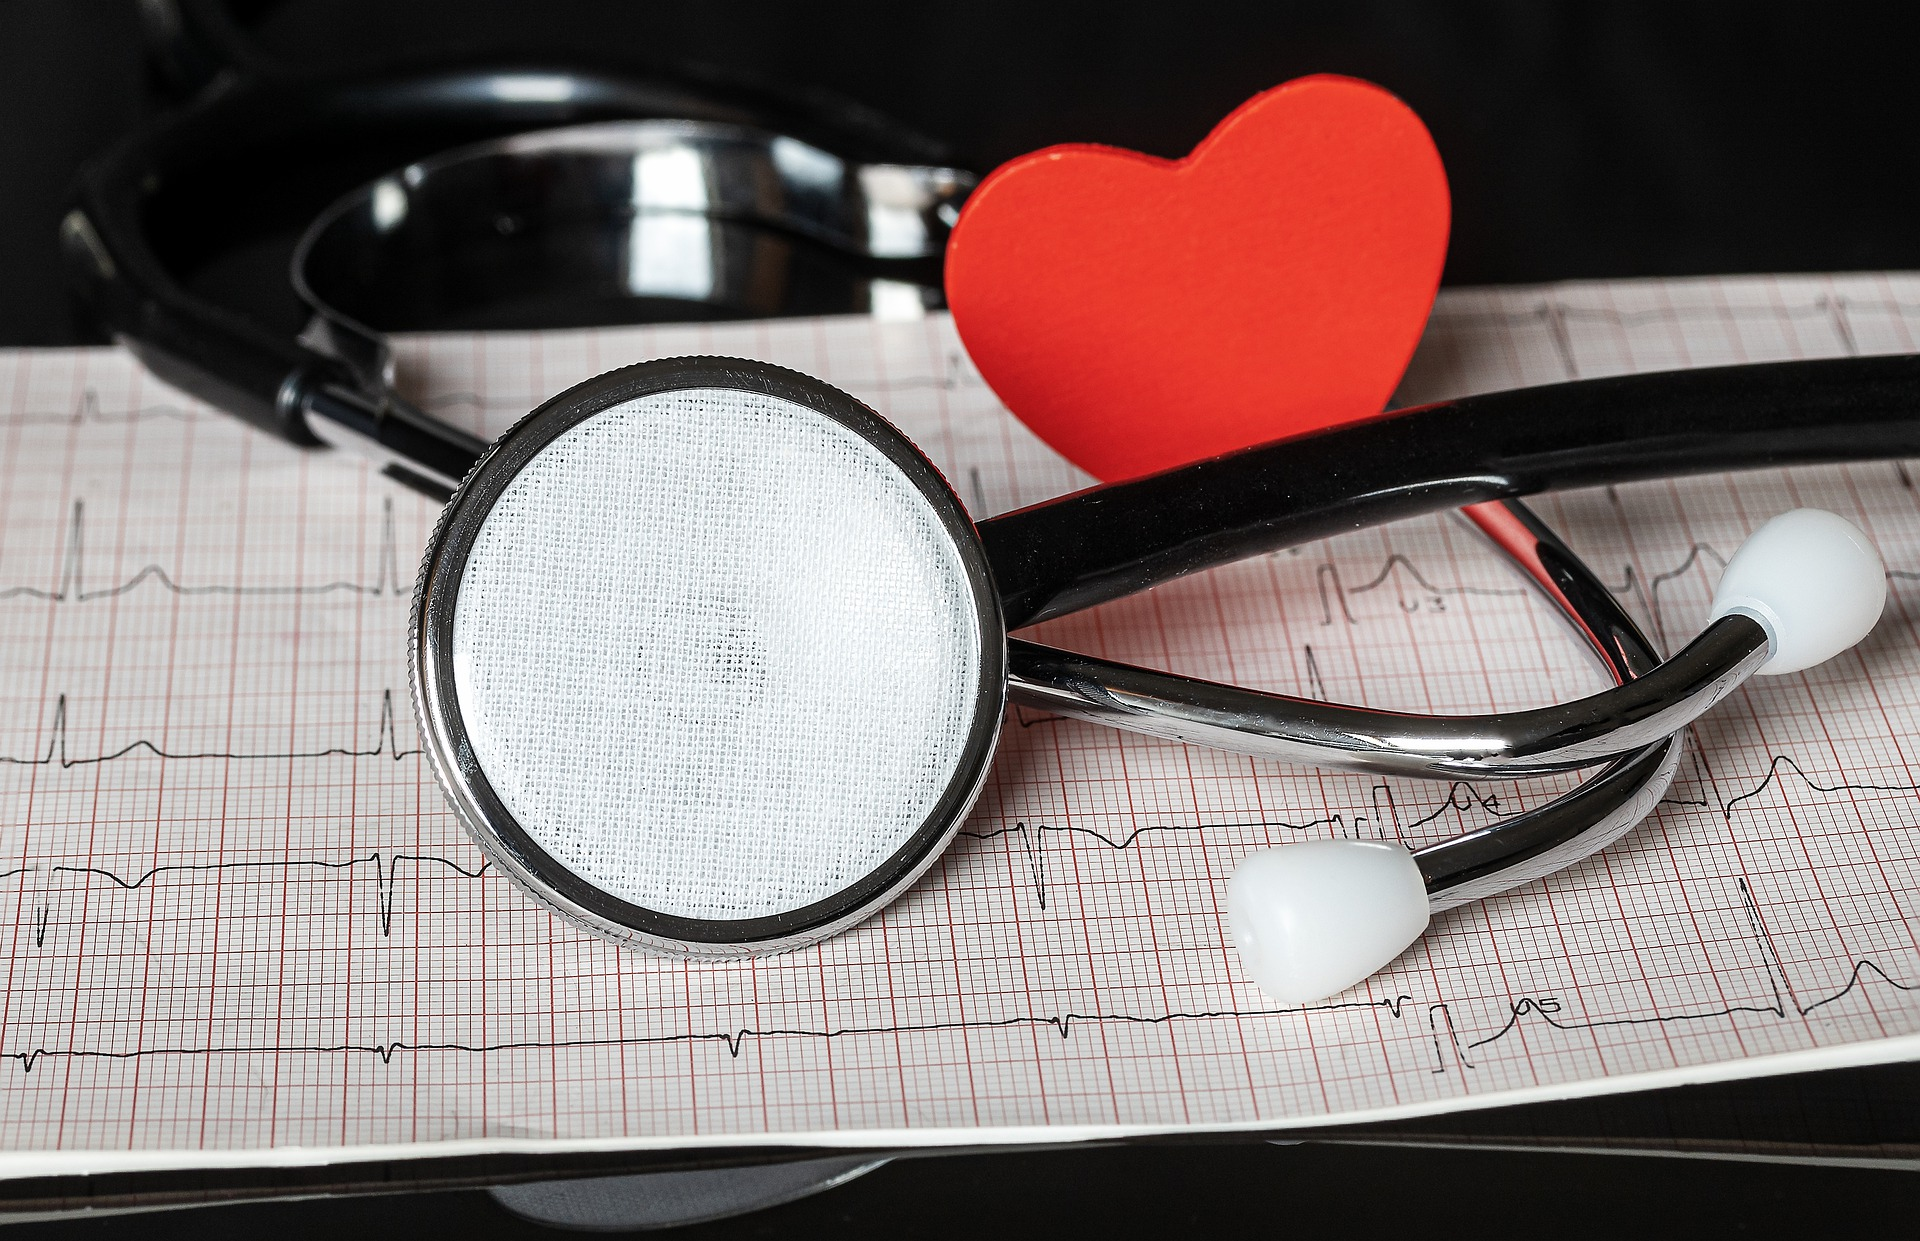 Reisen mit Herzkrankheit: Was sollte man beachten? (c) Pixabay